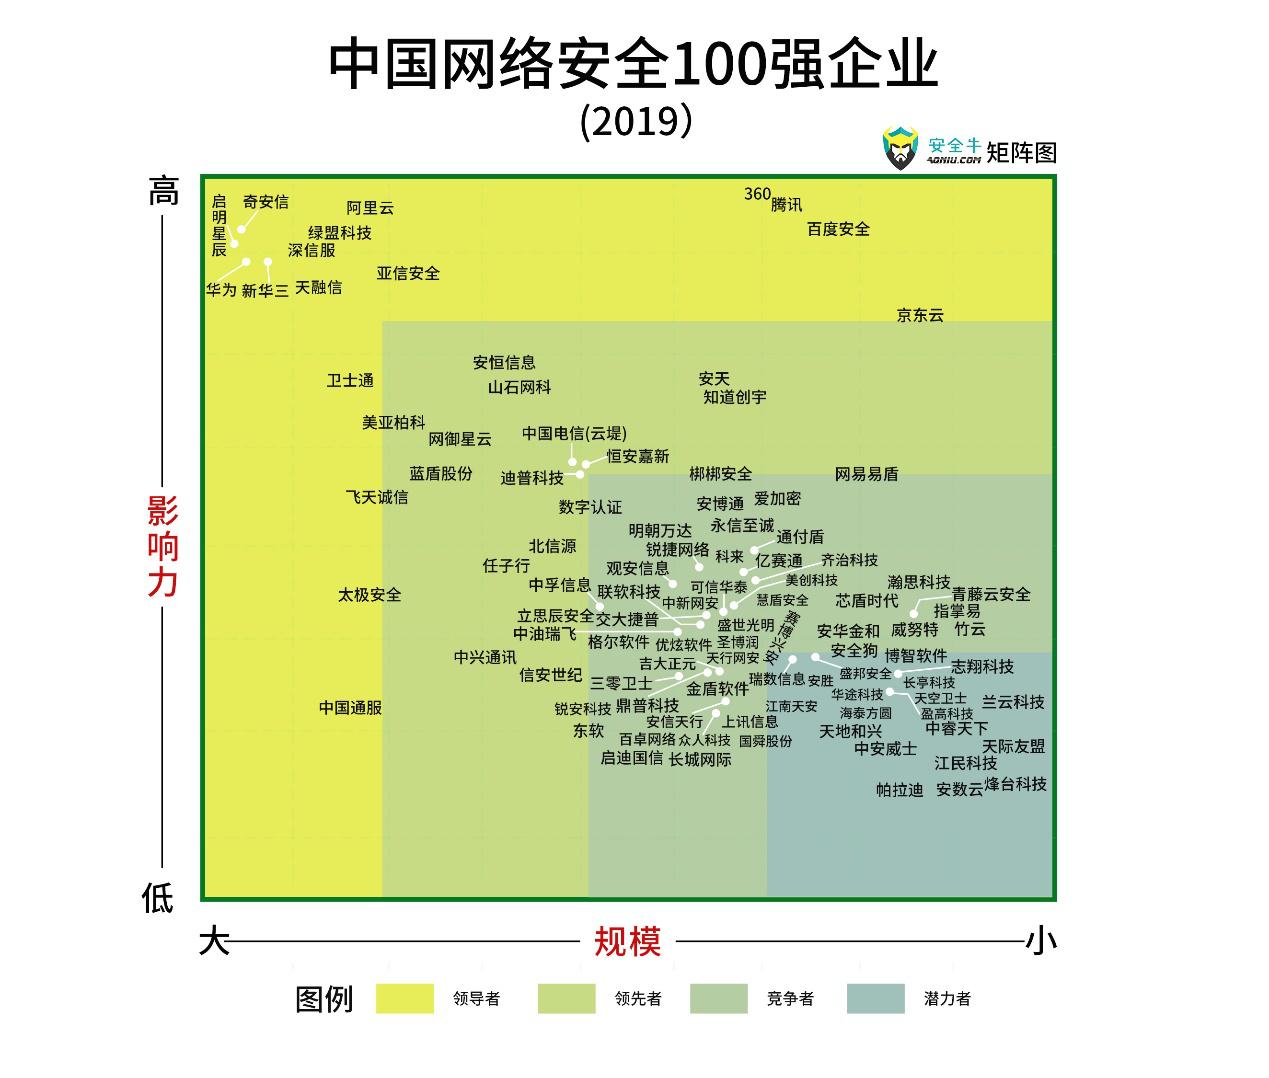 """""""2019网络安全100强""""出炉 奇安信成为行业领导者"""